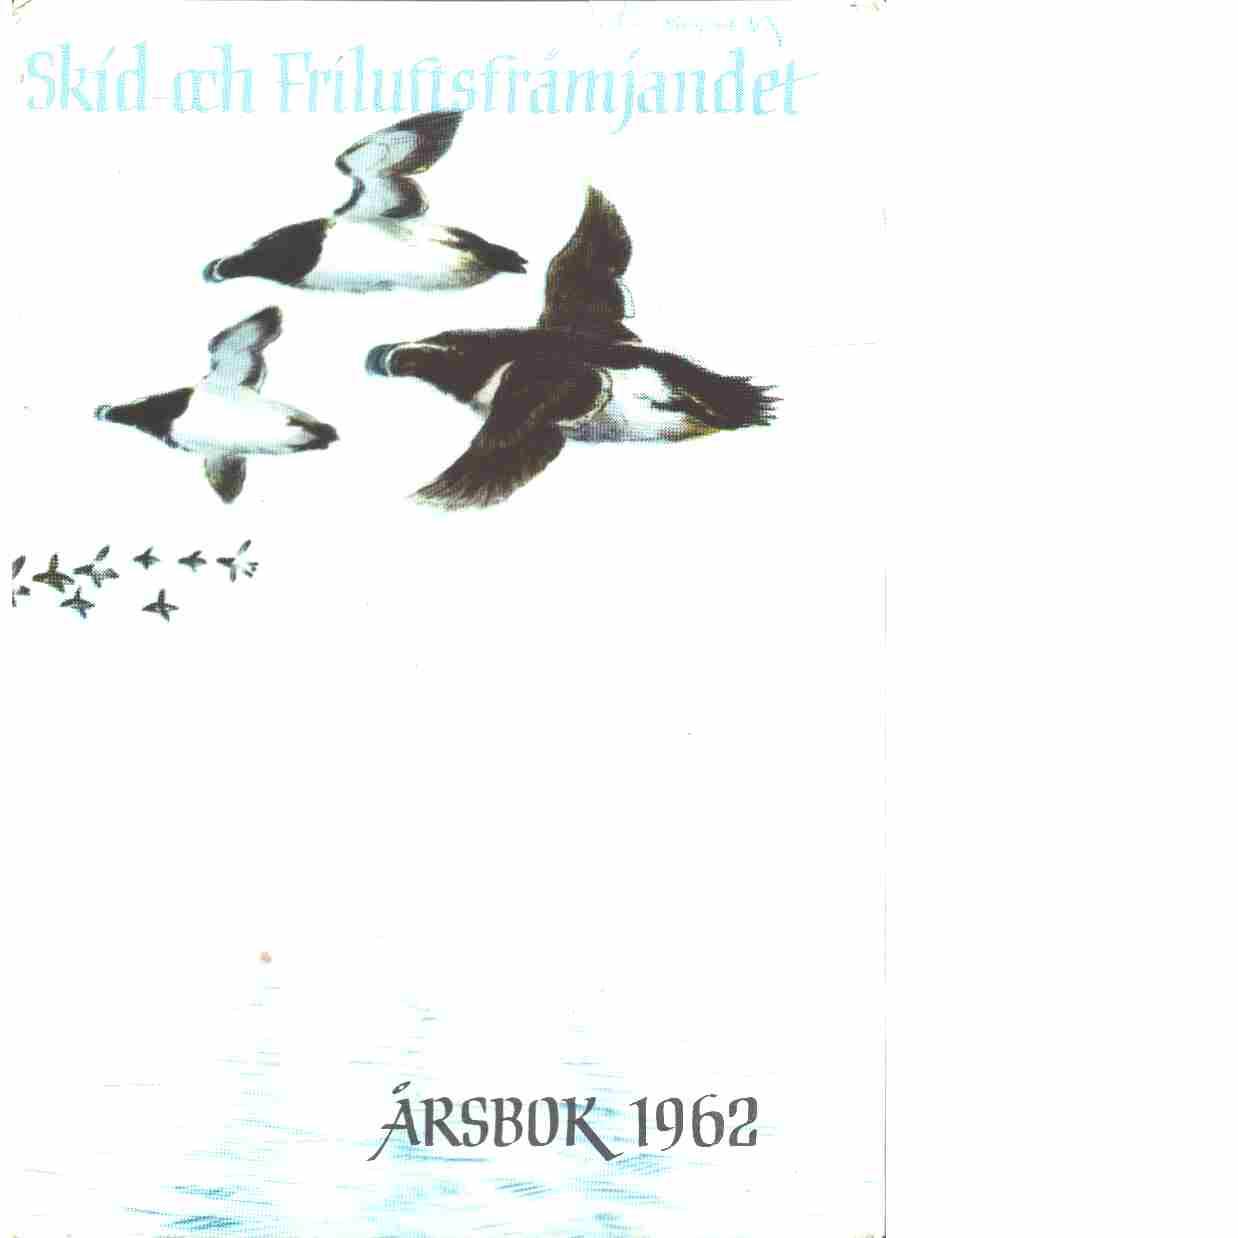 På skidor : Skid- och friluftsfrämjandets årsbok. Årsbok 1962 - Skid- och friluftsfrämjandet